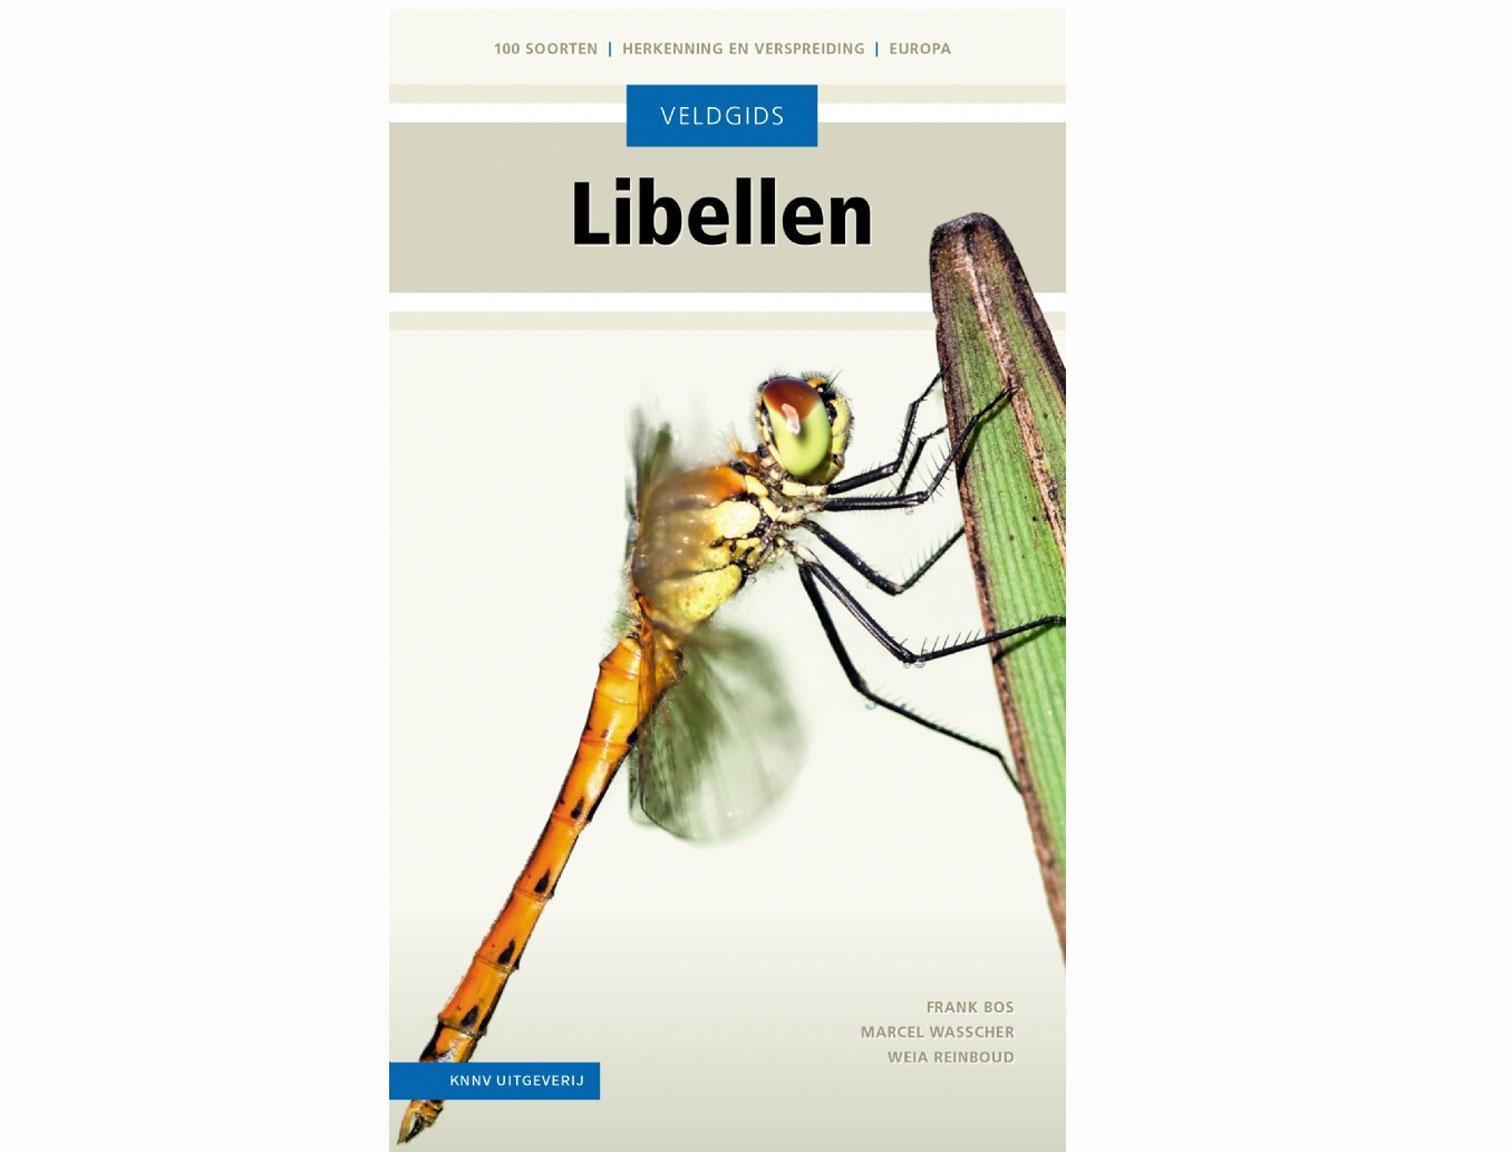 veldgids_libellen-(1)